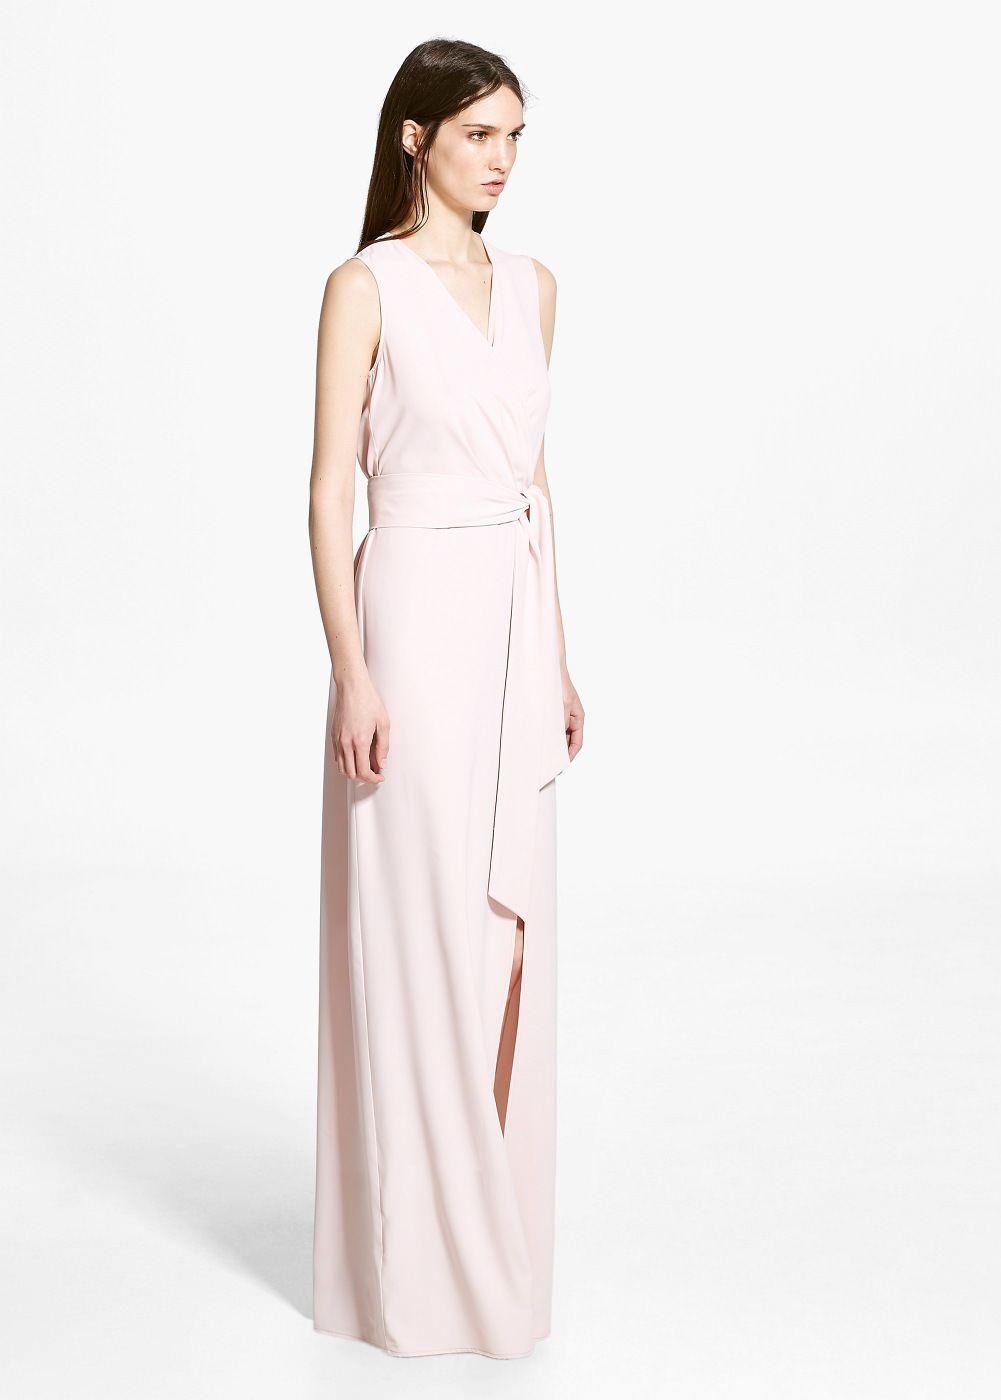 21a5b91027 Vestido comprido cruzado - Vestidos de Mulher